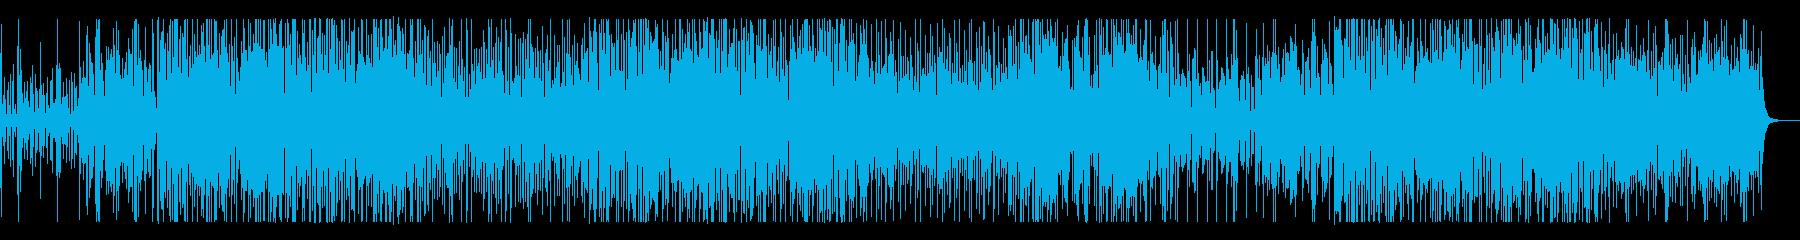 ブラスが印象的なハードボイルド・ファンクの再生済みの波形